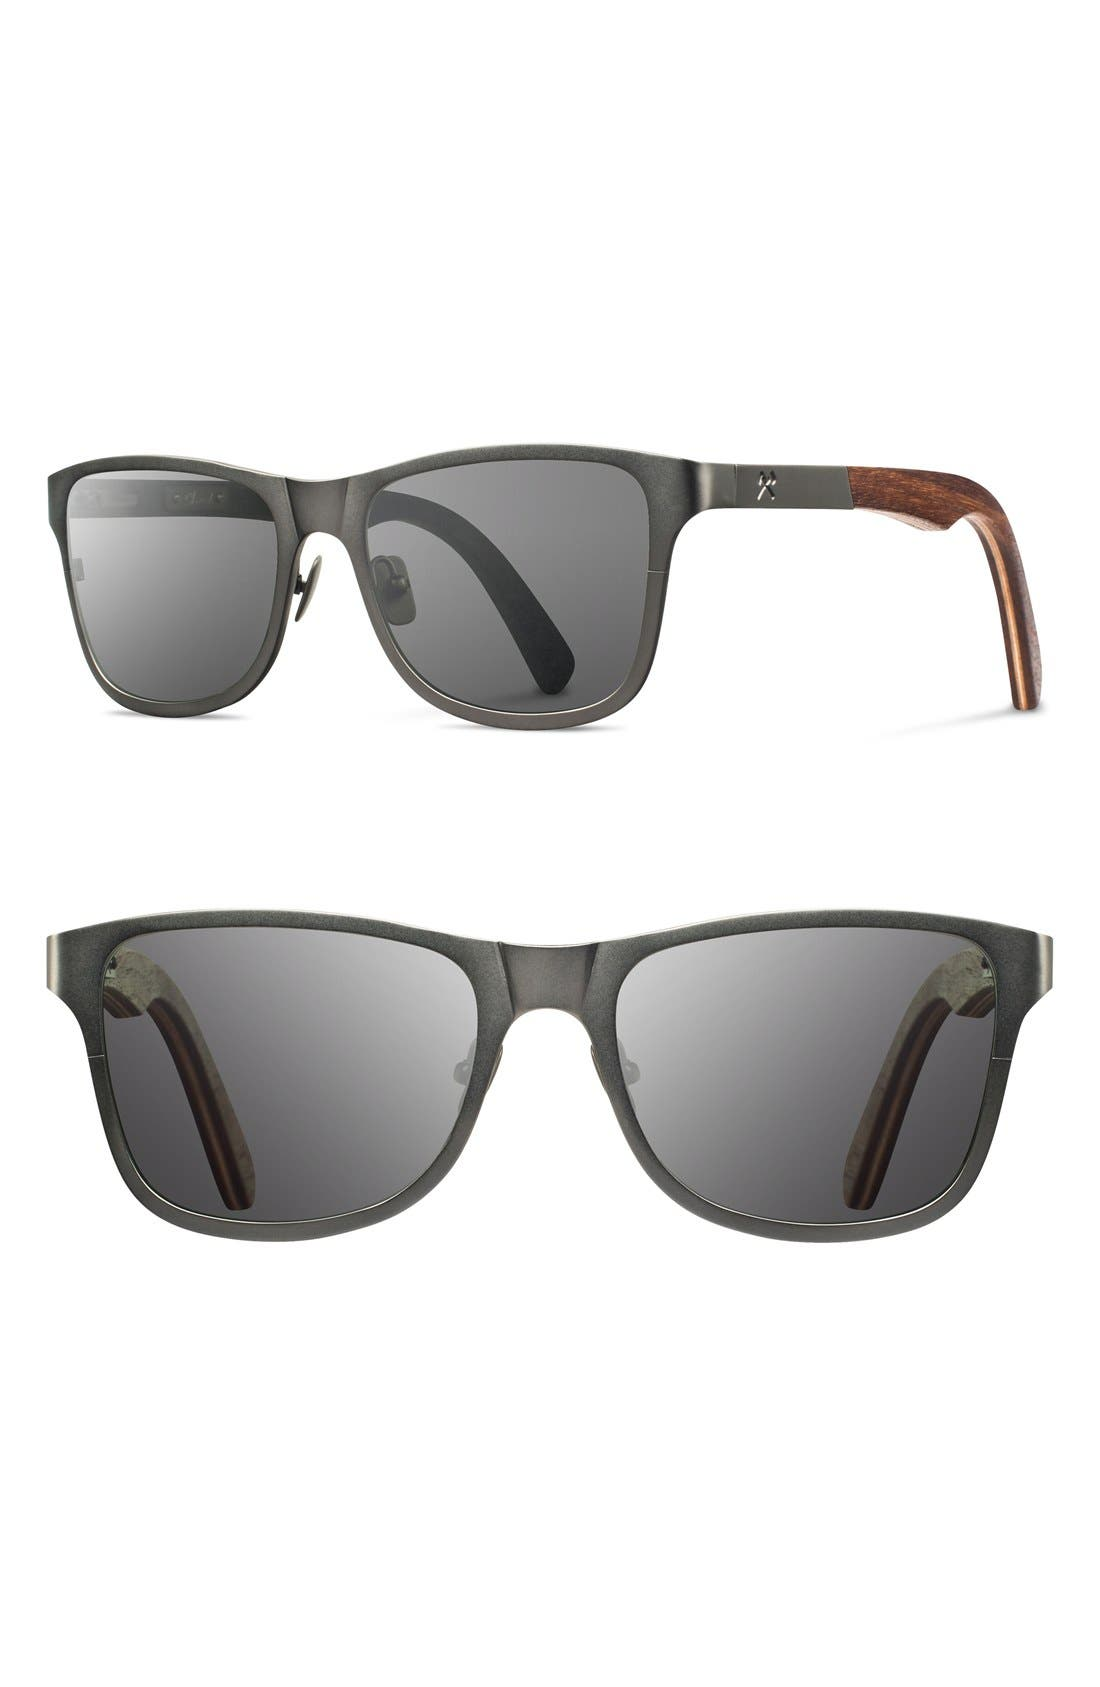 SHWOOD Canby 54mm Titanium & Wood Sunglasses